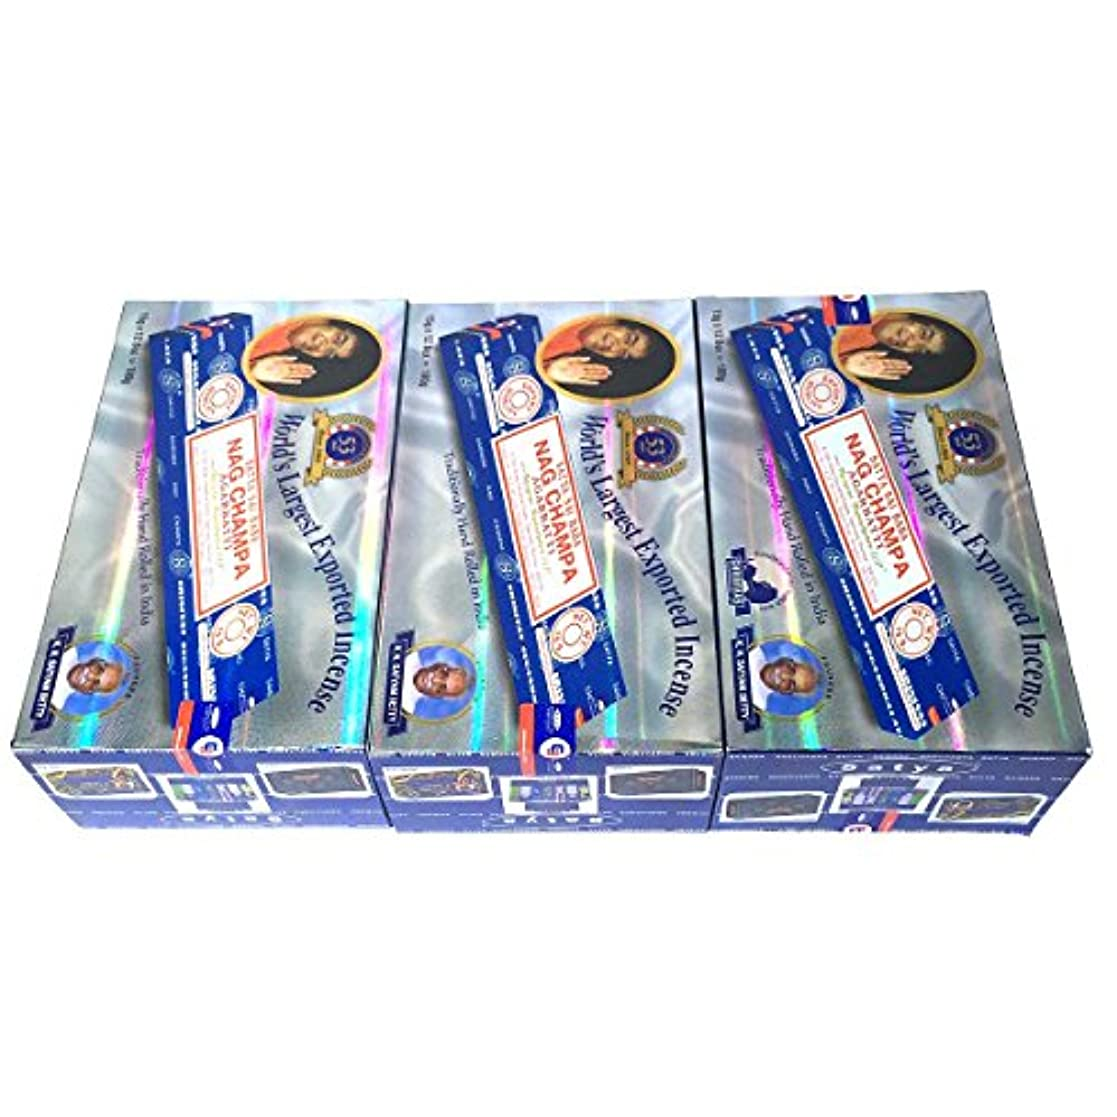 老人維持する信頼サイババ ナグチャンパ香 スティック 3BOX(36箱) 送料無料 /SATYA SAI BABA NAG CHAMPA /インセンス/インド香 お香/アジアン雑貨 [並行輸入品]